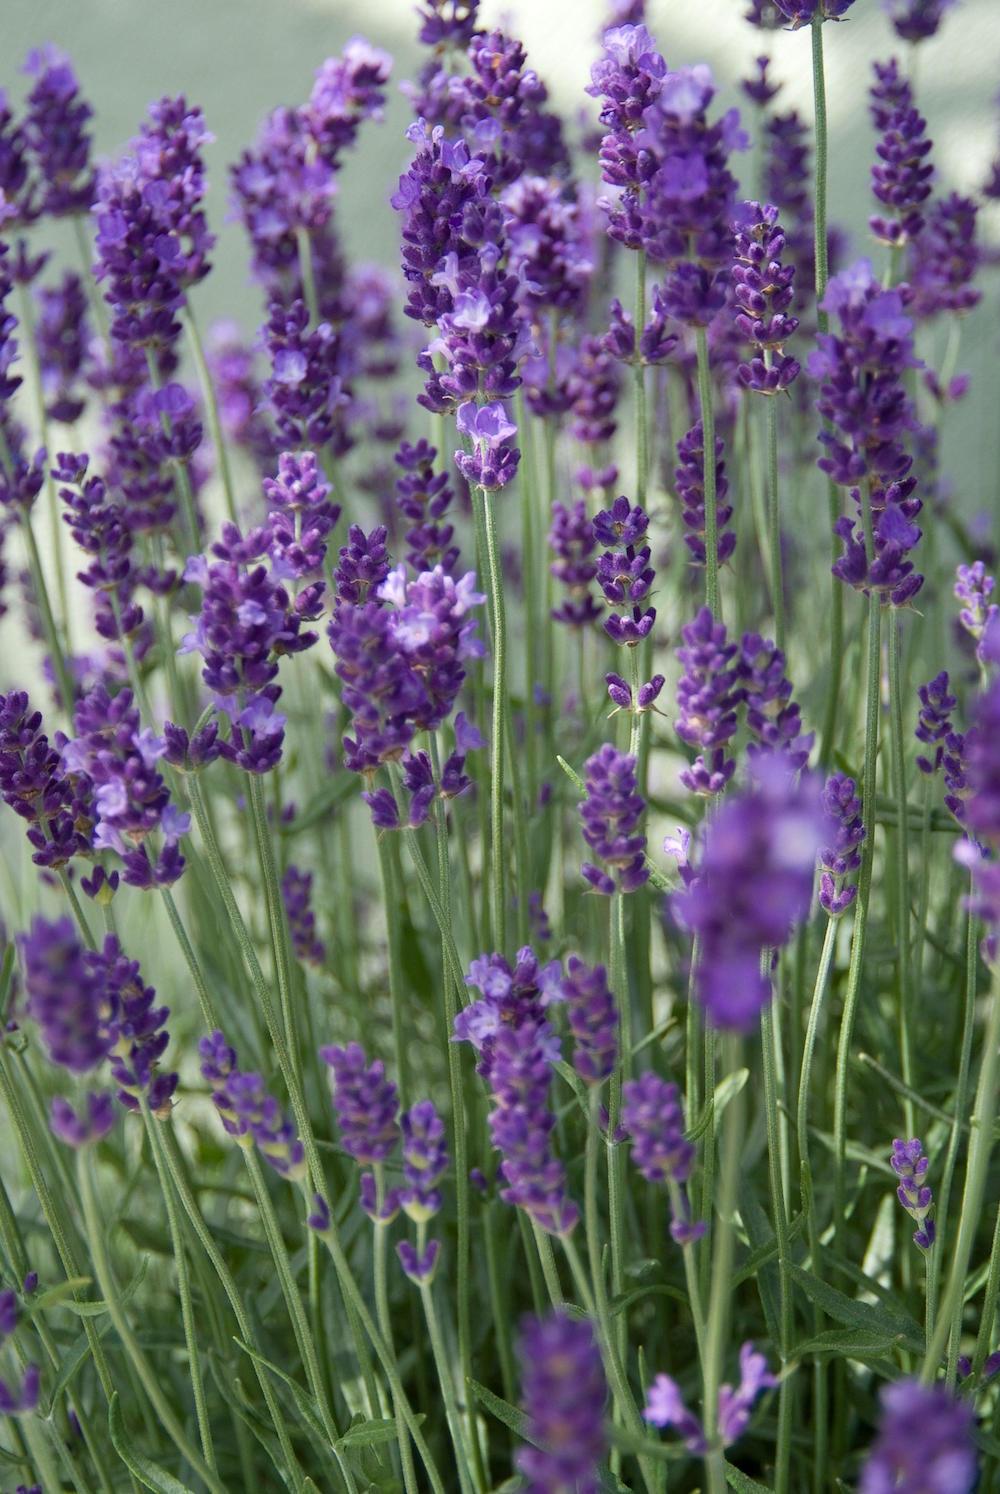 Tuinplanten die een positieve en kalmerende invloed hebben #tuinplanten #tuin #balkon #mooiwatplantendoen #lavendel